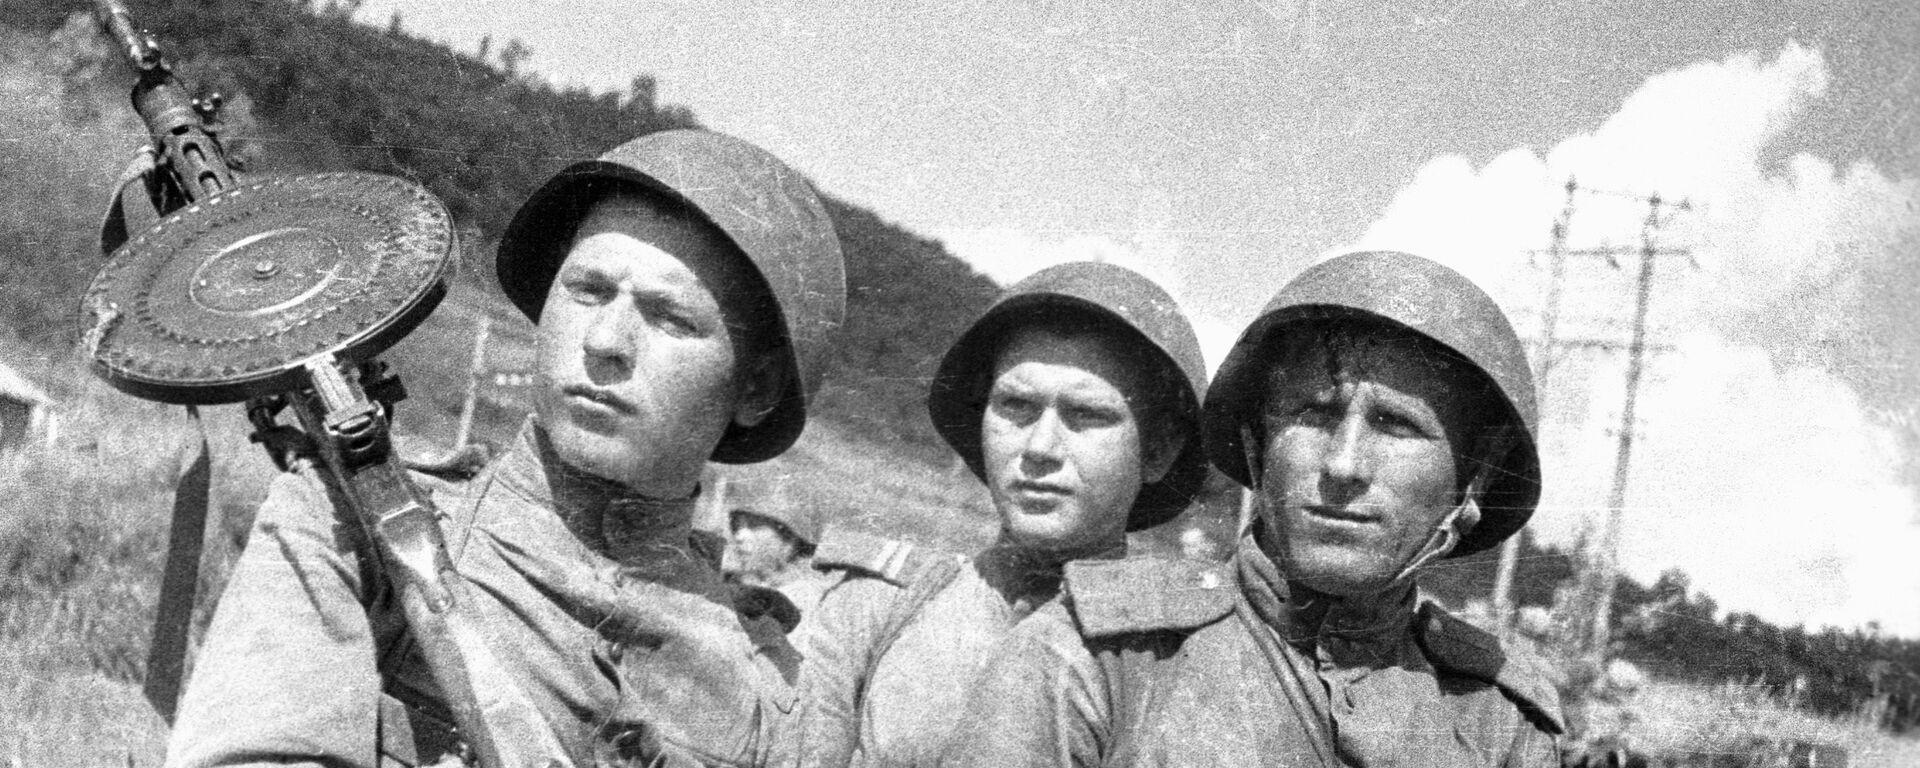 Algunos de los soldados soviéticos que sobresalieron en el campo de batalla - Sputnik Mundo, 1920, 02.09.2020